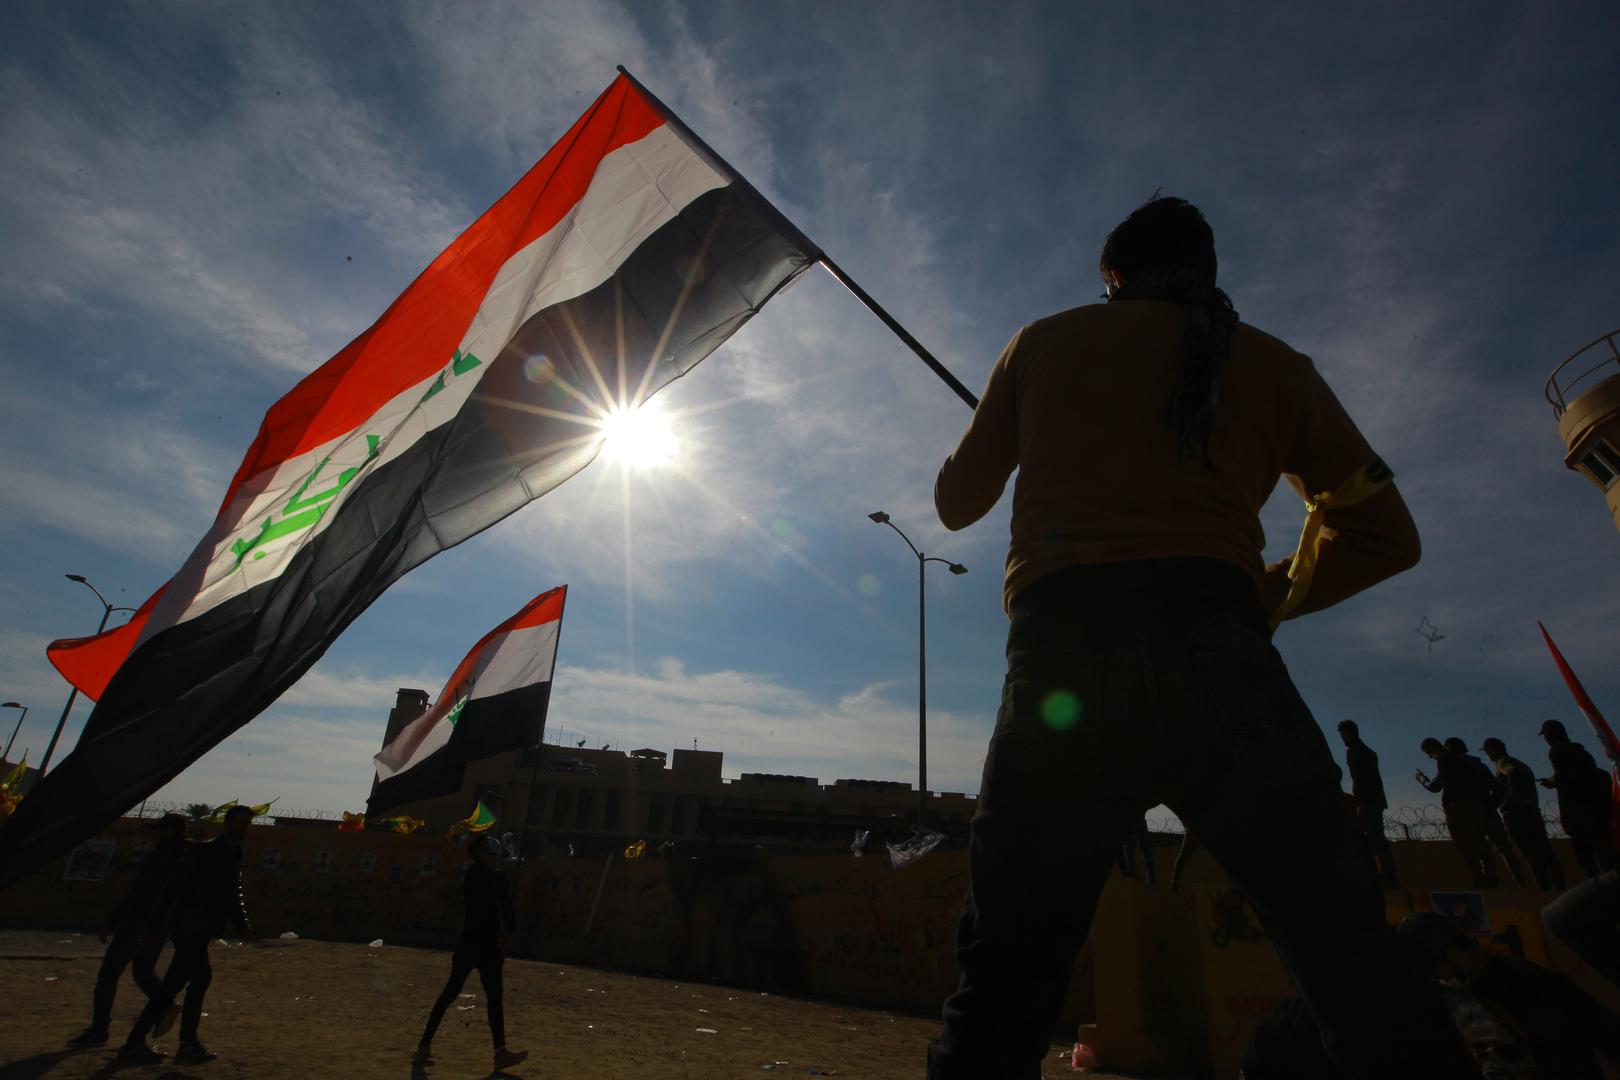 الحكومة العراقية تقرر تقليل الاقتراض الخارجي